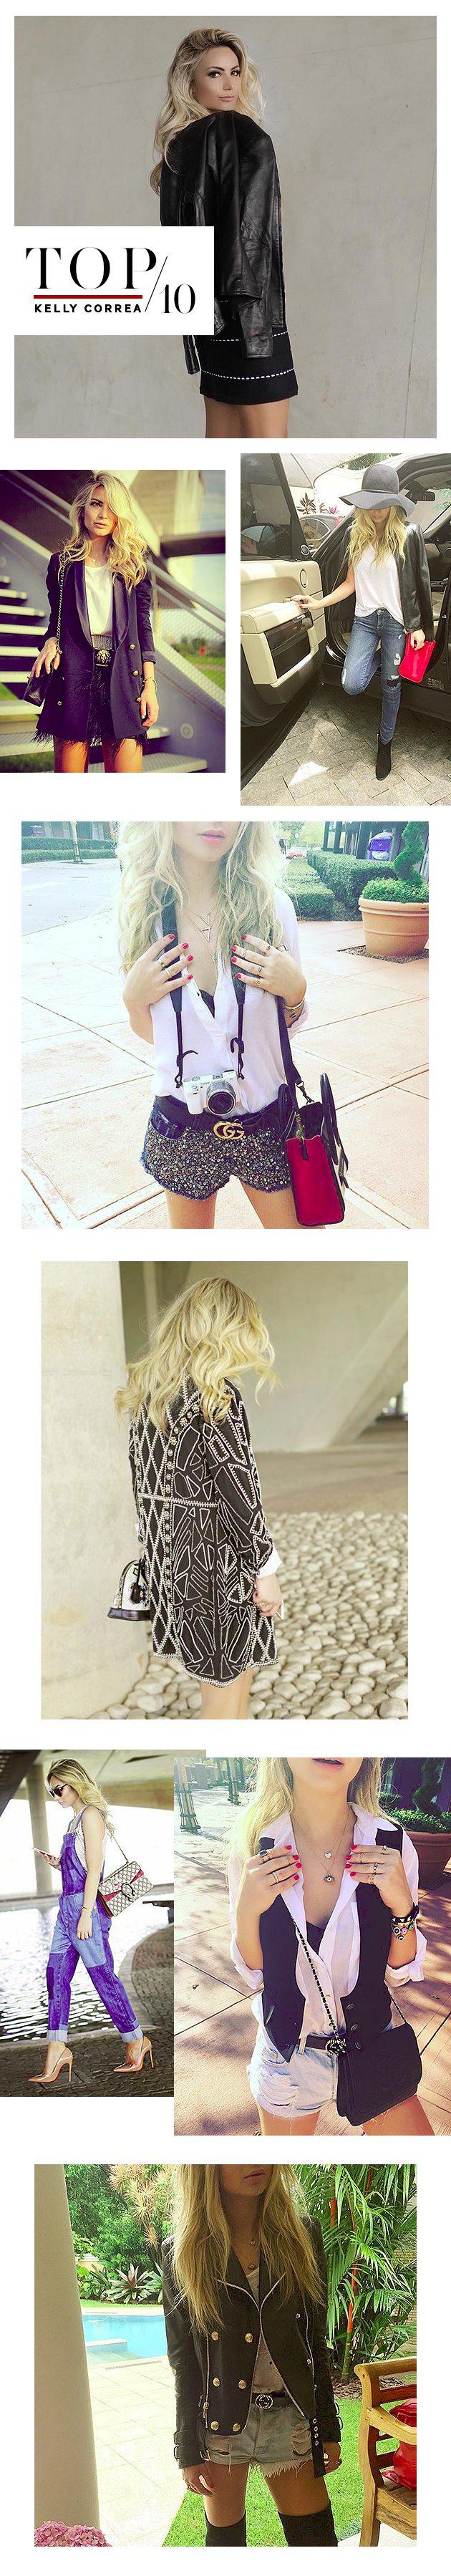 tag-top-10-dicas-blog-Lari-convidada-Kelly-Winston-Correa-itgirl-carioca